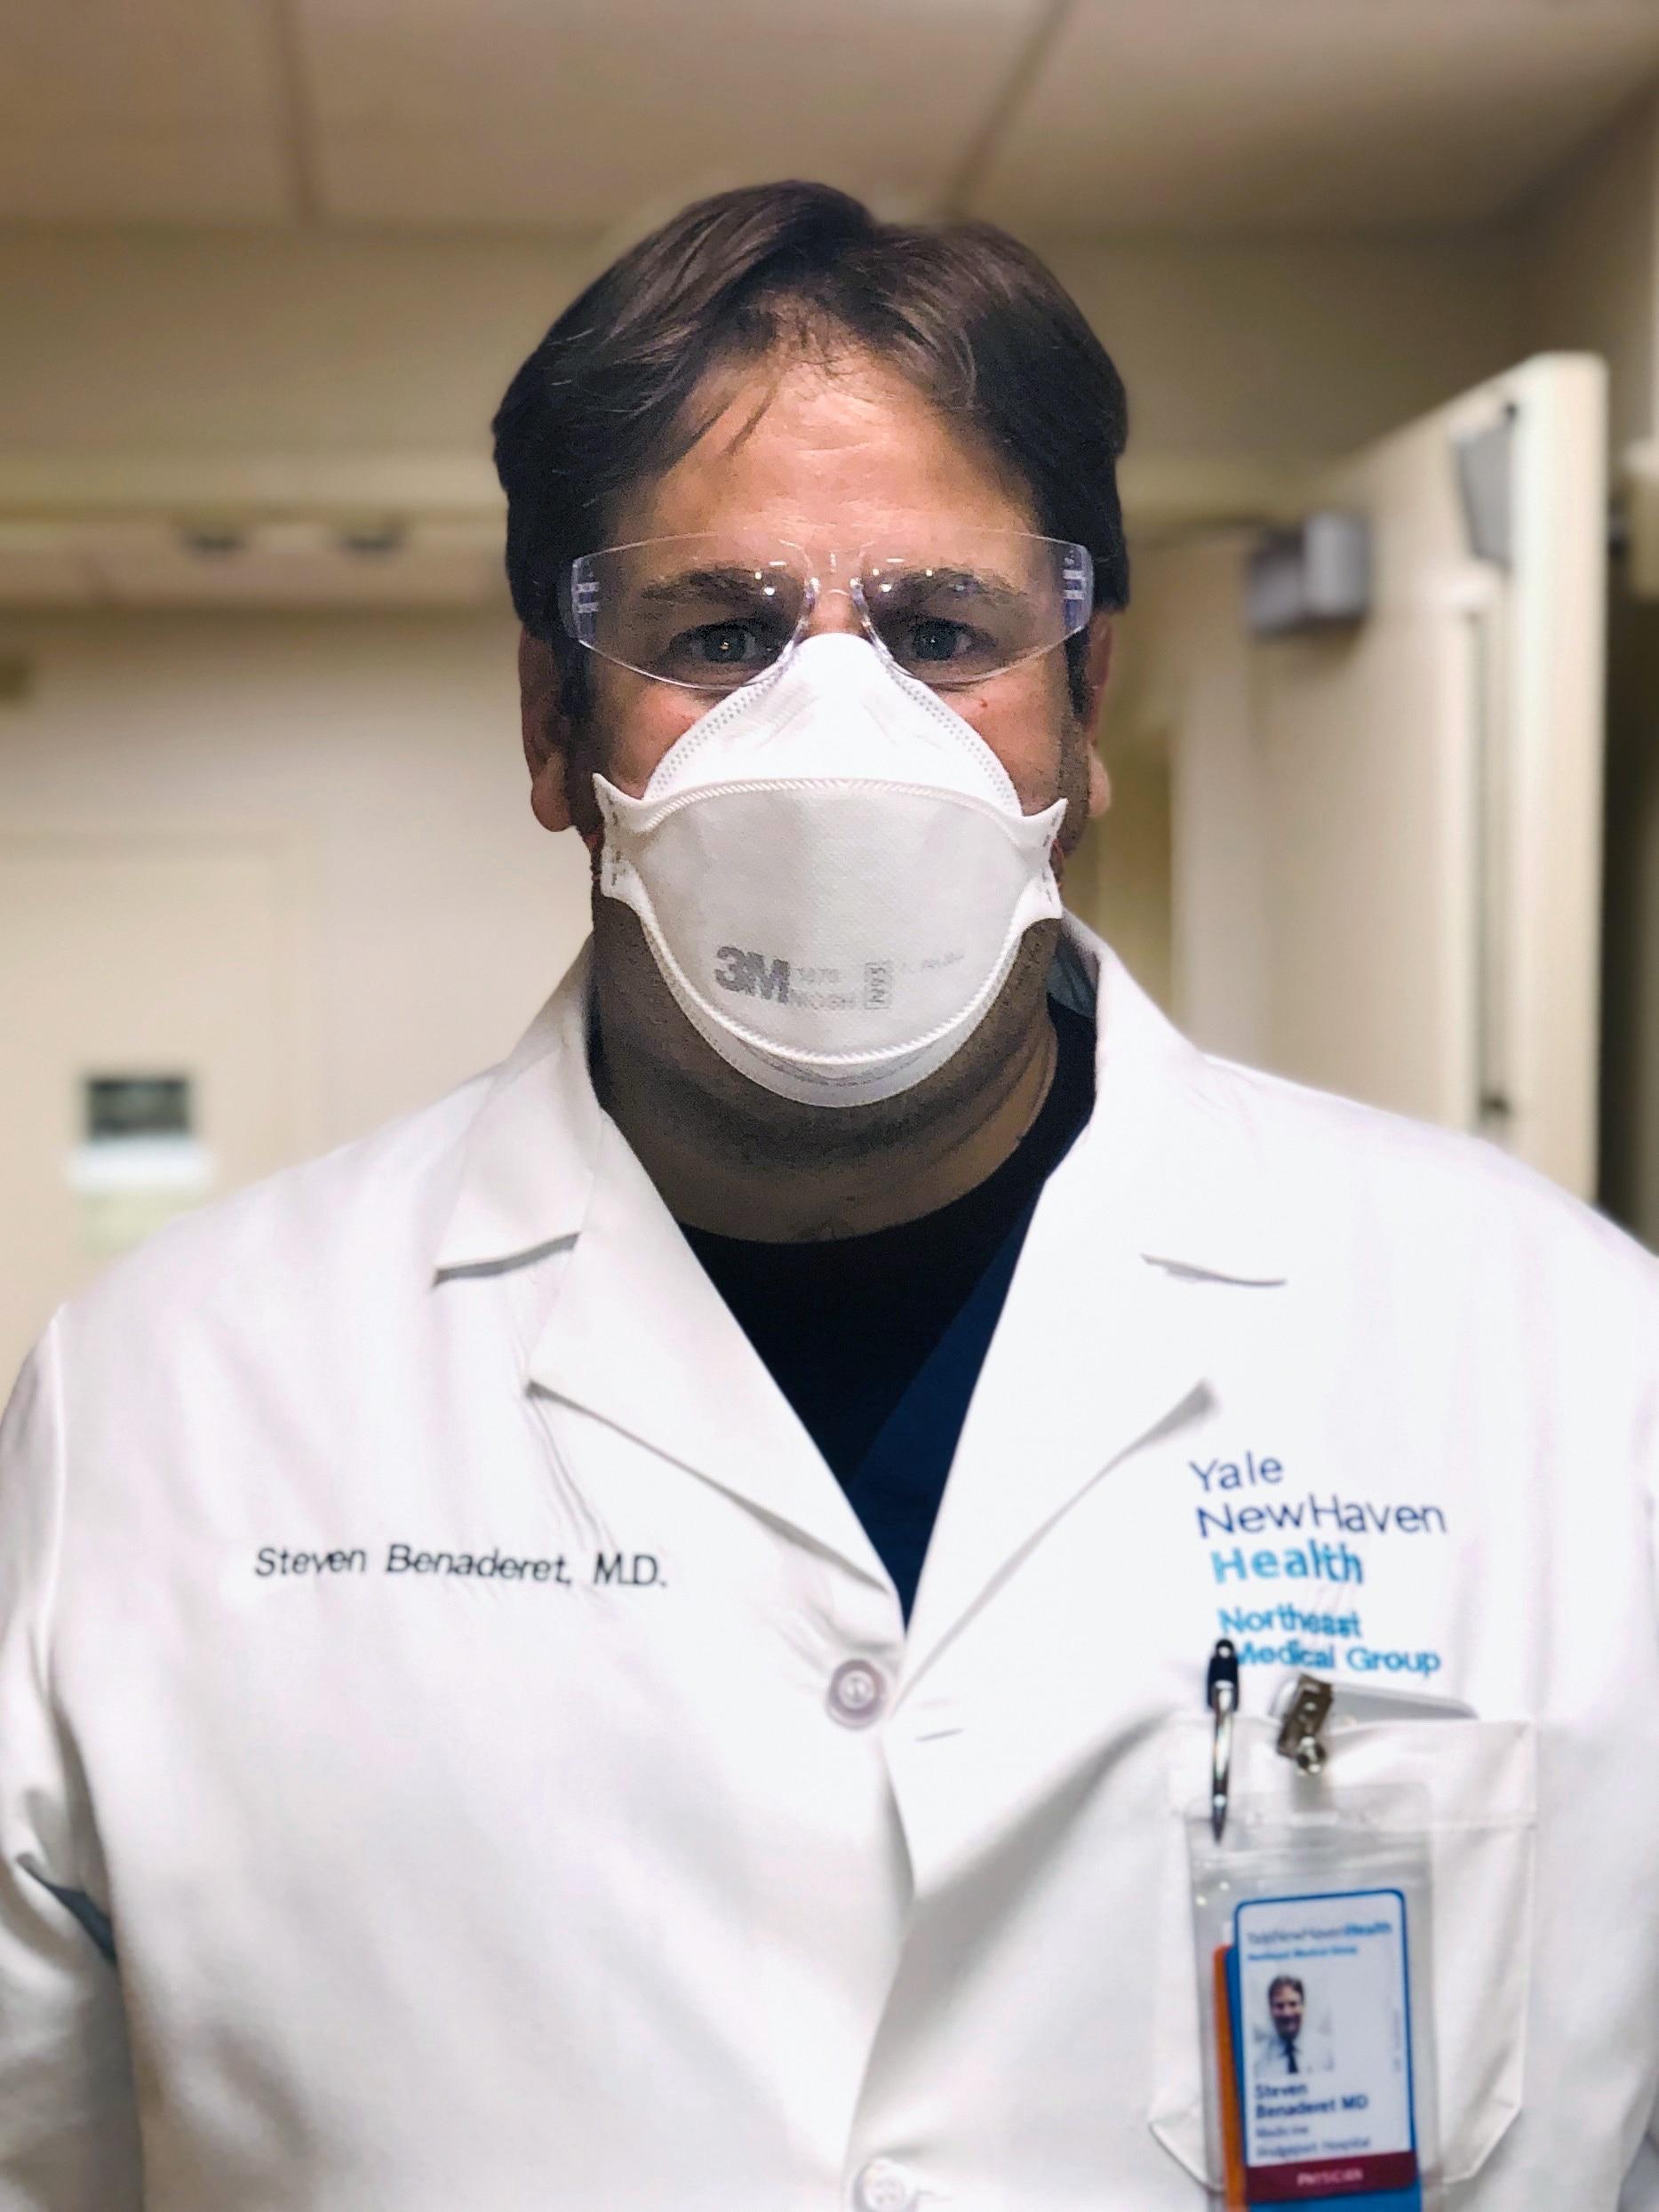 Connecticut doctors brace for coronavirus surge